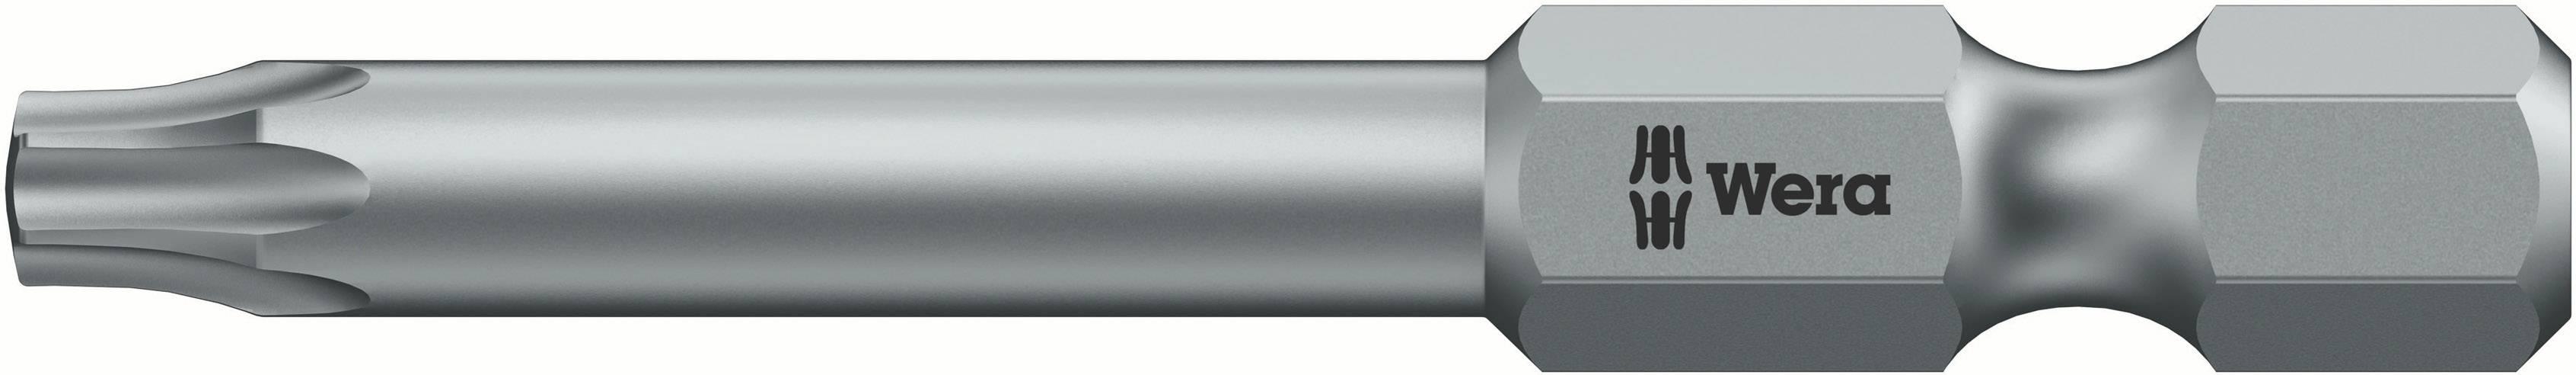 Prodloužený bit Torx 70 mm - T 06